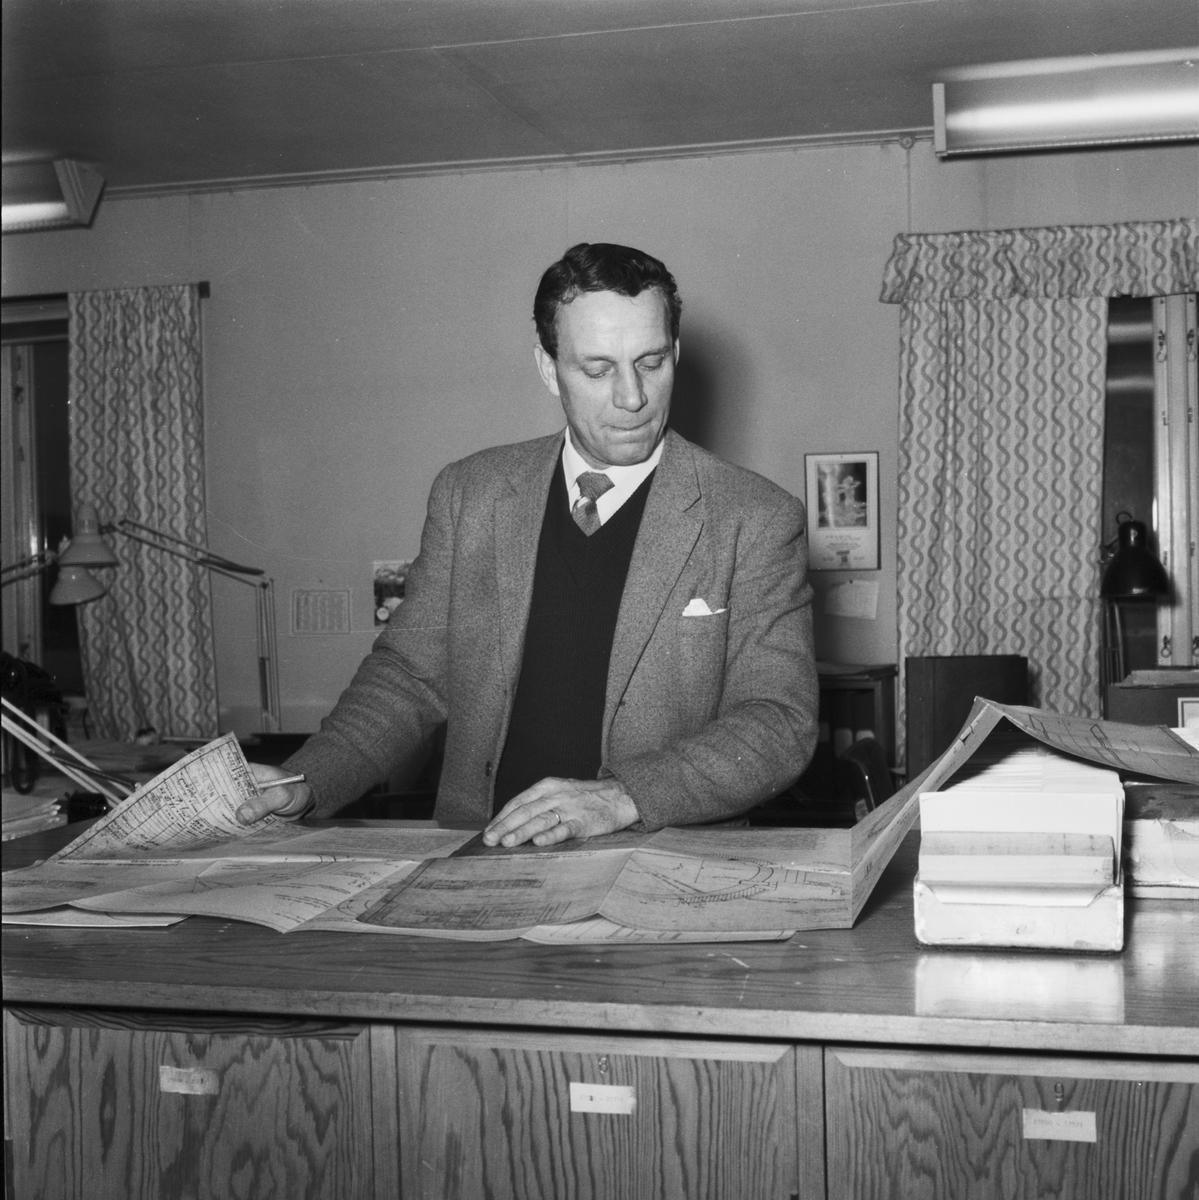 """Övrigt: Foto datum: 1/1 1961 Byggnader och kranar """"Varvet runt"""" nybyggnadskontoret interiör"""